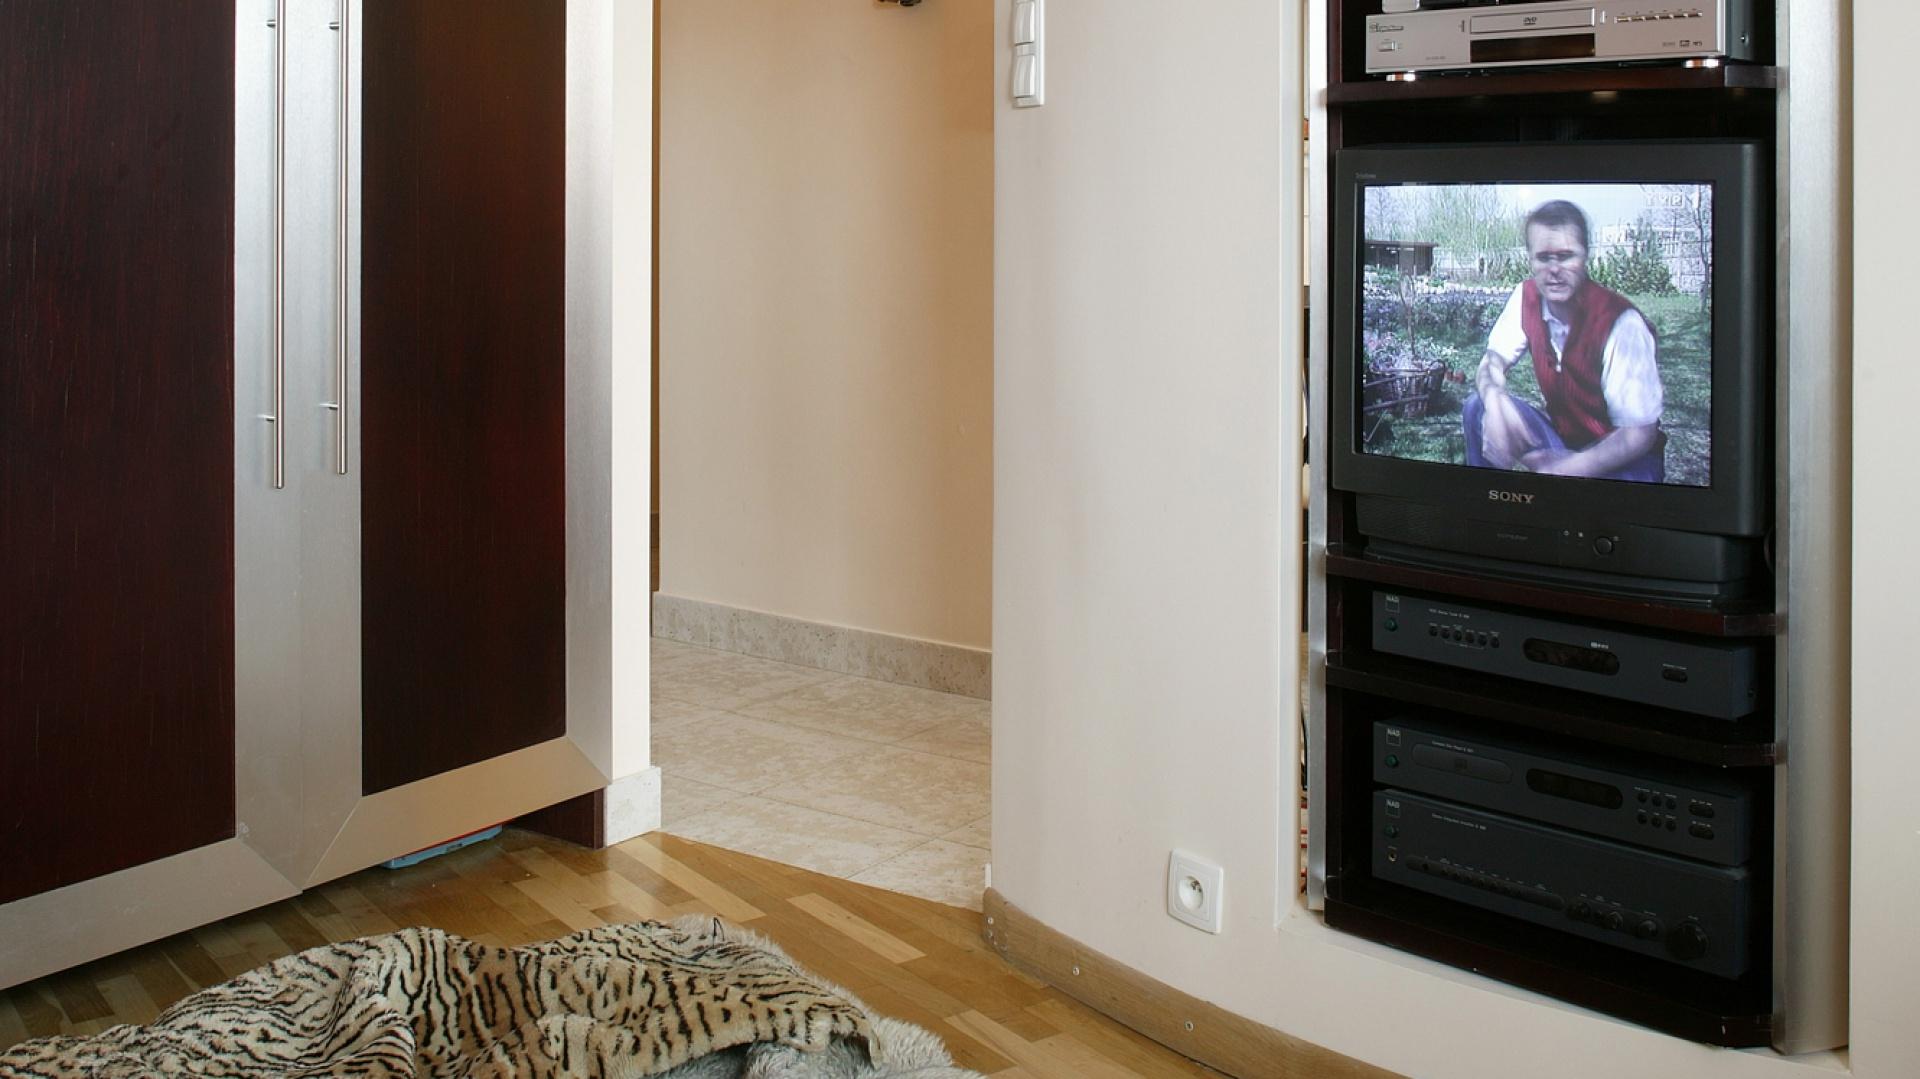 Bardzo ciekawym rozwiązaniem było zamontowanie obrotowej szafki na sprzęt RTV. Pozwala to na oglądanie telewizji tam, gdzie się przebywa. Fot. Marcin Łukaszewicz.